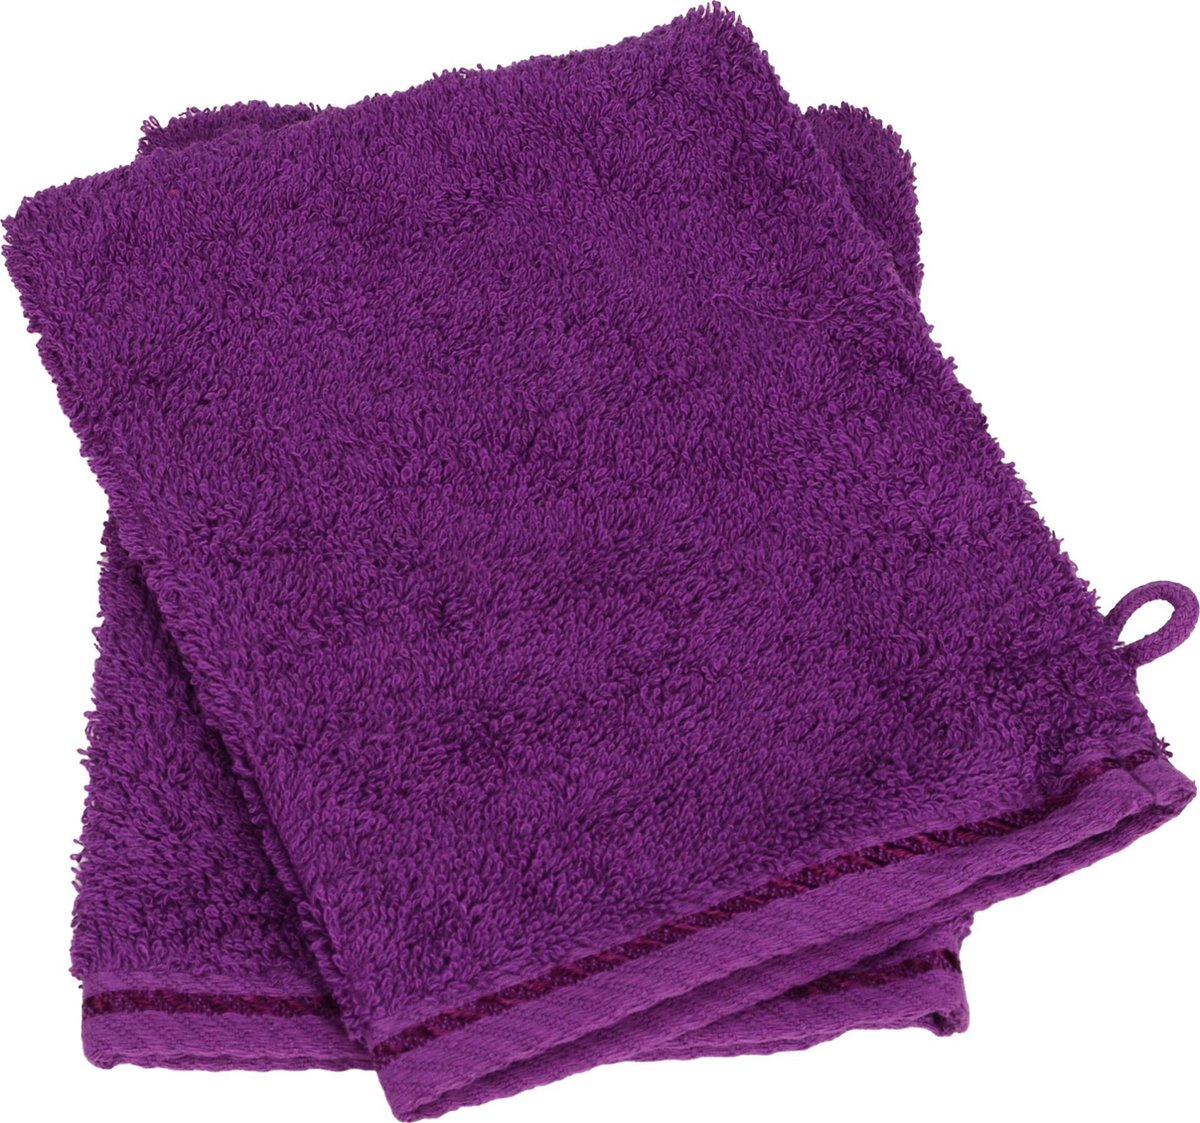 ARTG Towelzz® Washandje 100% Katoen - Aubergine - Set 10 stuks - ARTG Towelzz®